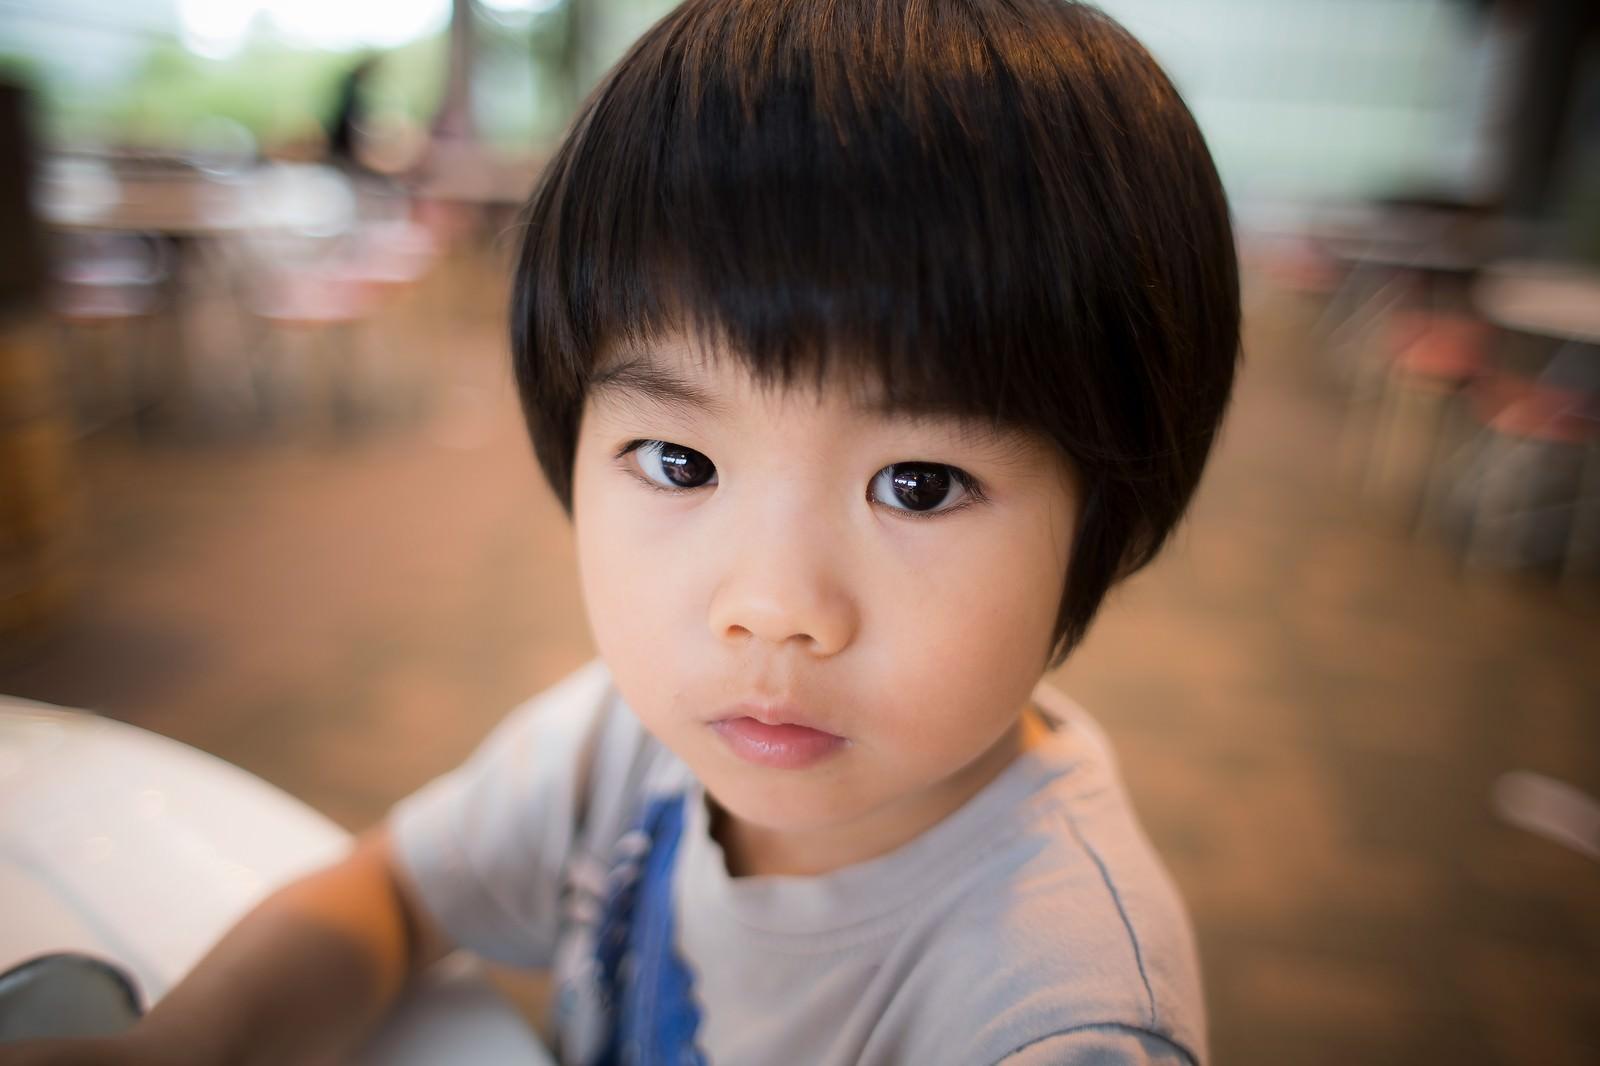 「ずっと撮影してくる親を不思議がる我が子ずっと撮影してくる親を不思議がる我が子」のフリー写真素材を拡大